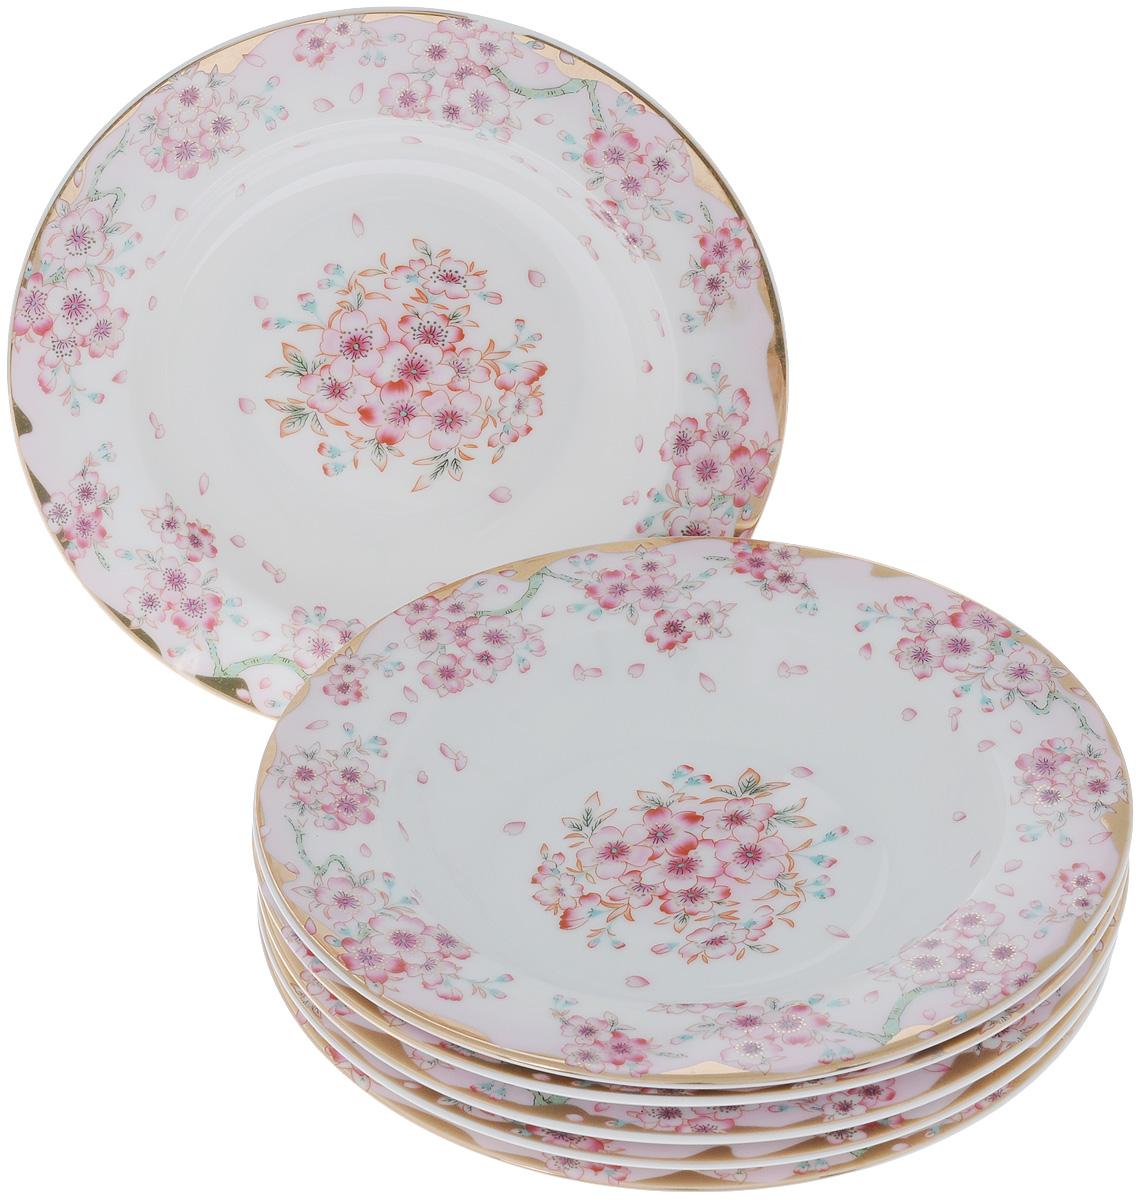 Набор суповых тарелок Elan Gallery Сакура, диаметр 21,5 см, 6 шт54 009312Набор Elan Gallery Сакура, выполненный из высококачественной керамики, состоит из 6 суповых тарелок и предназначен для красивой сервировки блюд. Изделия украшены цветочным рисунком. Набор сочетает в себе стильный дизайн с максимальной функциональностью. Оригинальность оформления придется по вкусу и ценителям классики, и тем, кто предпочитает утонченность и изящность.Не использовать в микроволновой печи. Диаметр по верхнему краю: 21,5 см.